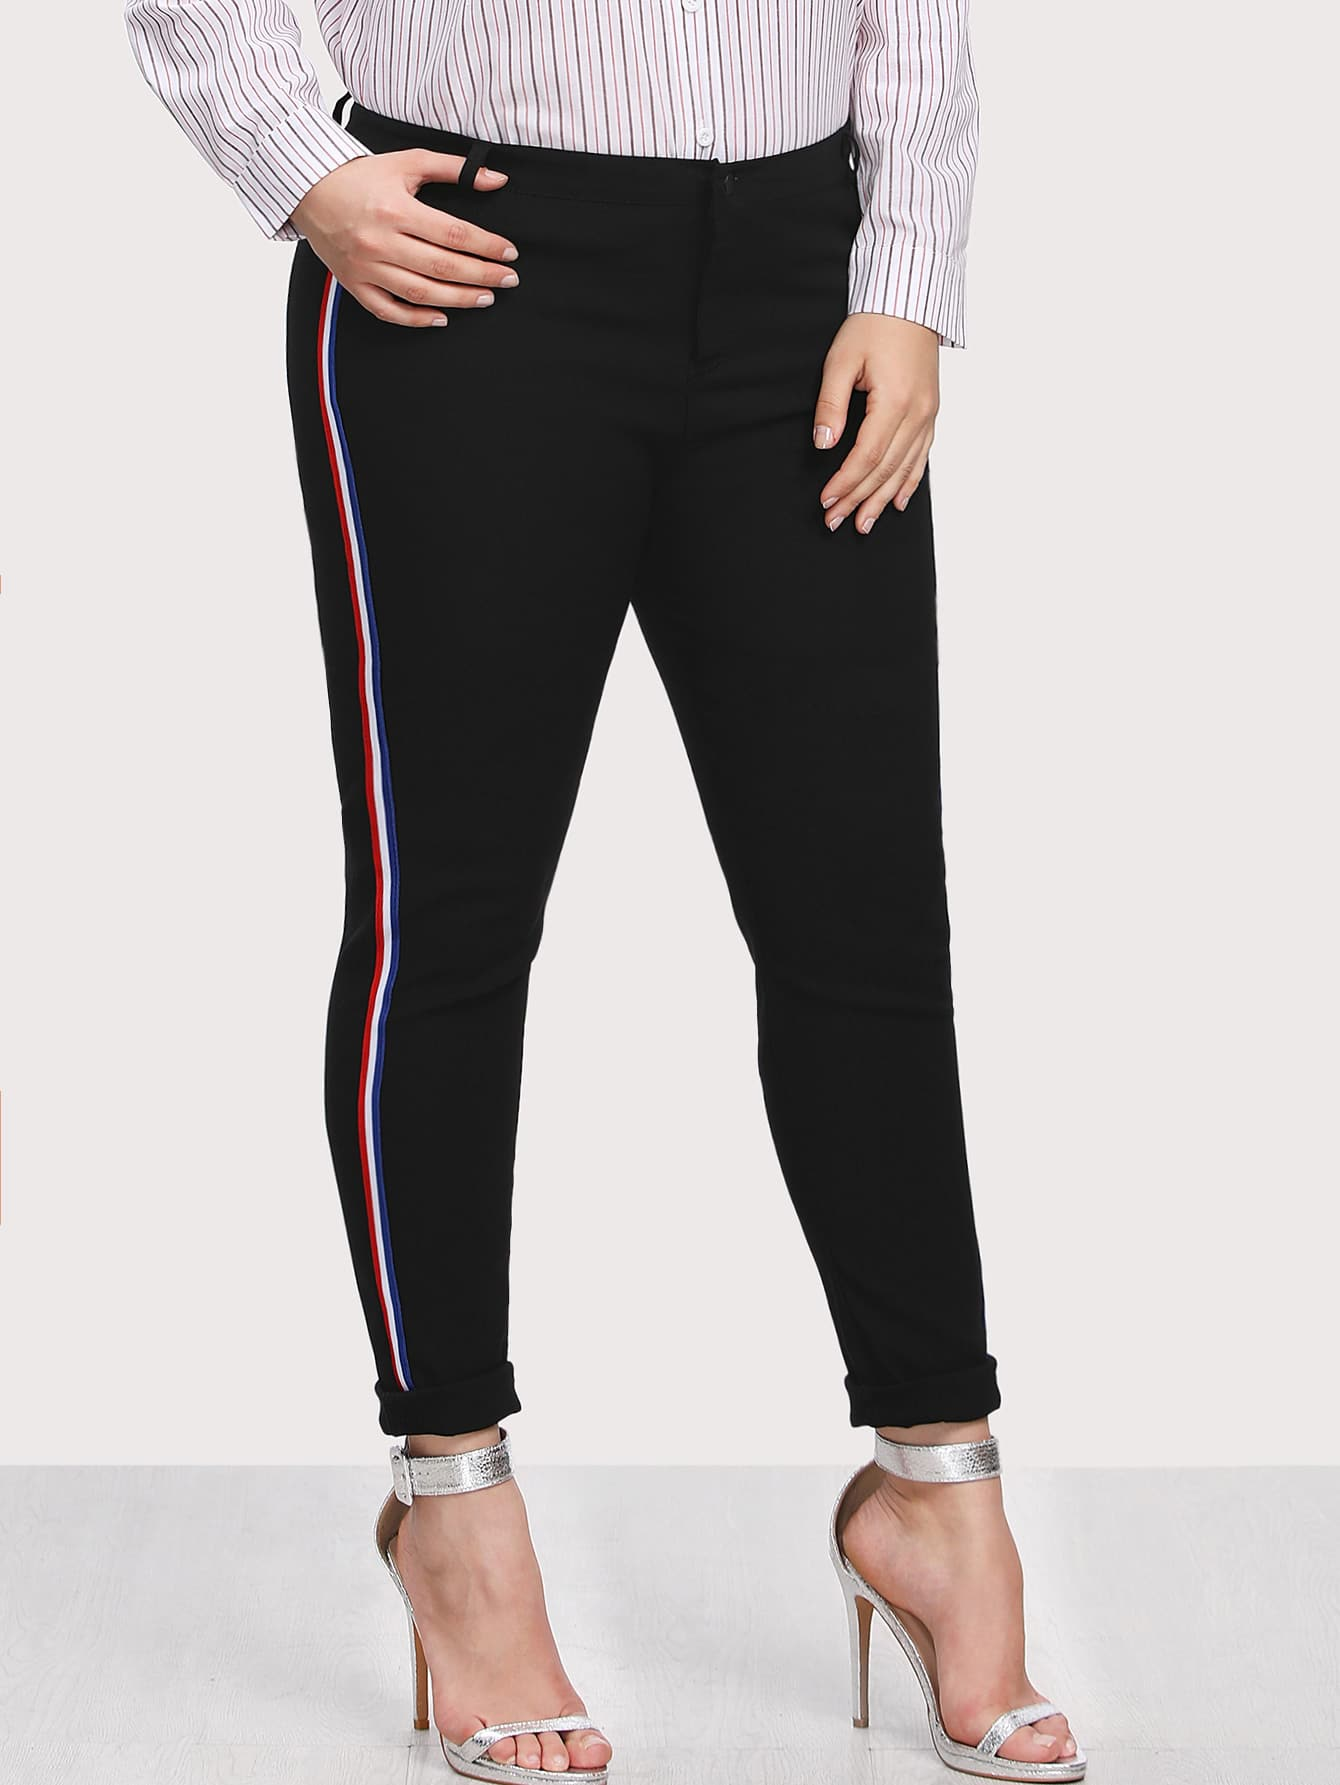 Stripe Contrast Side Pants